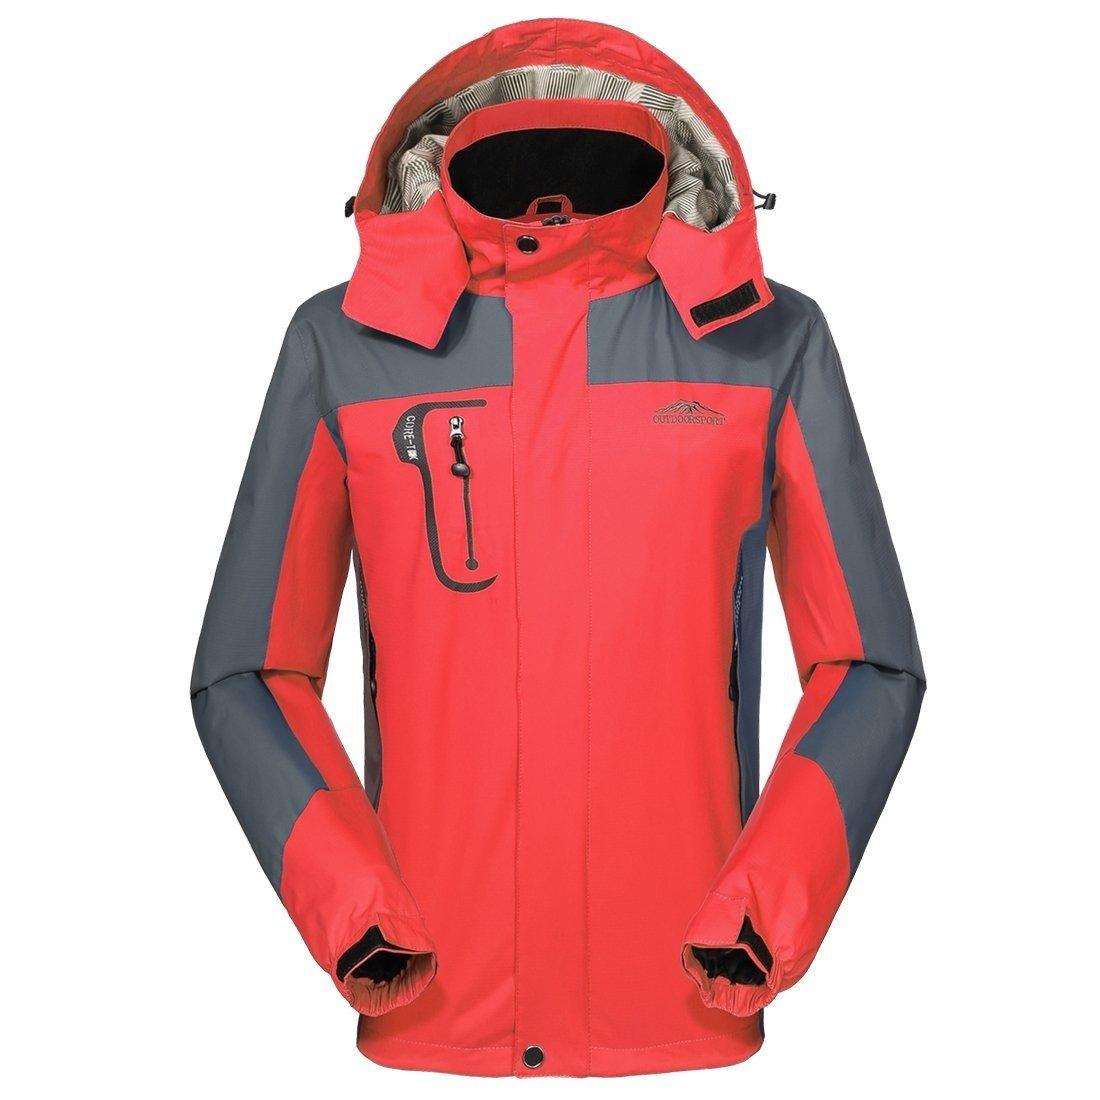 Chaqueta impermeable Givbro con funci/ón transpirable y capucha para exteriores para acampada y senderismo deportiva Softshell